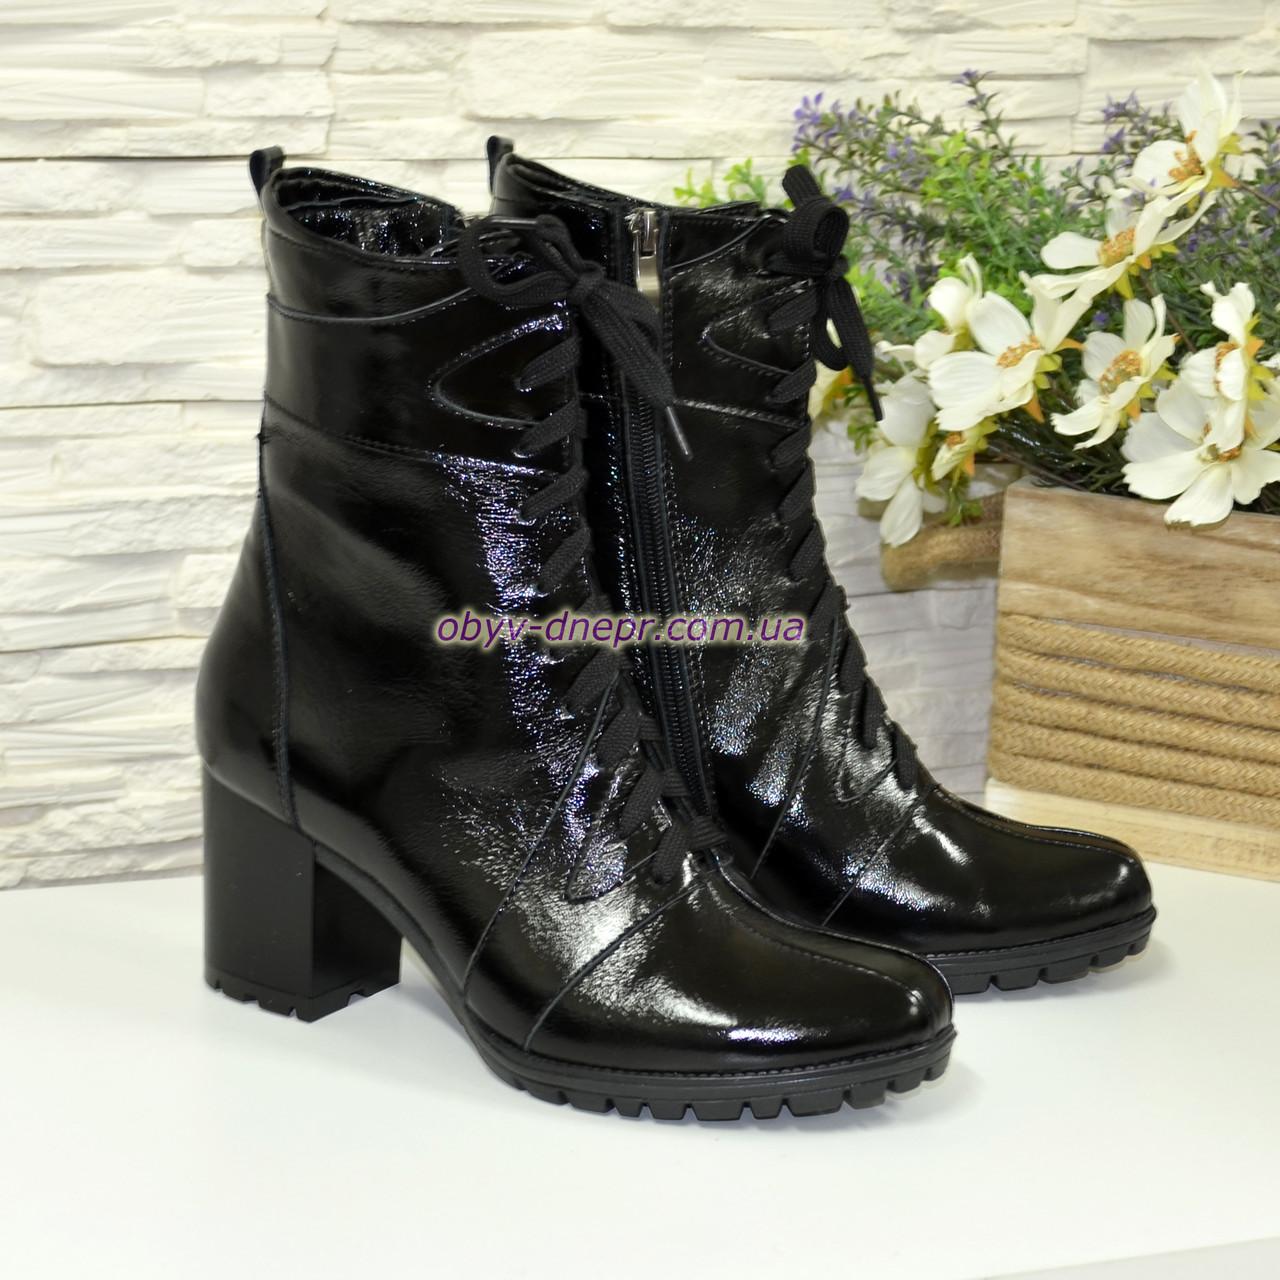 8f64a73488b0 Женские ботинки, из натуральной лаковой кожи черного цвета, на устойчивом  каблуке.ТМ